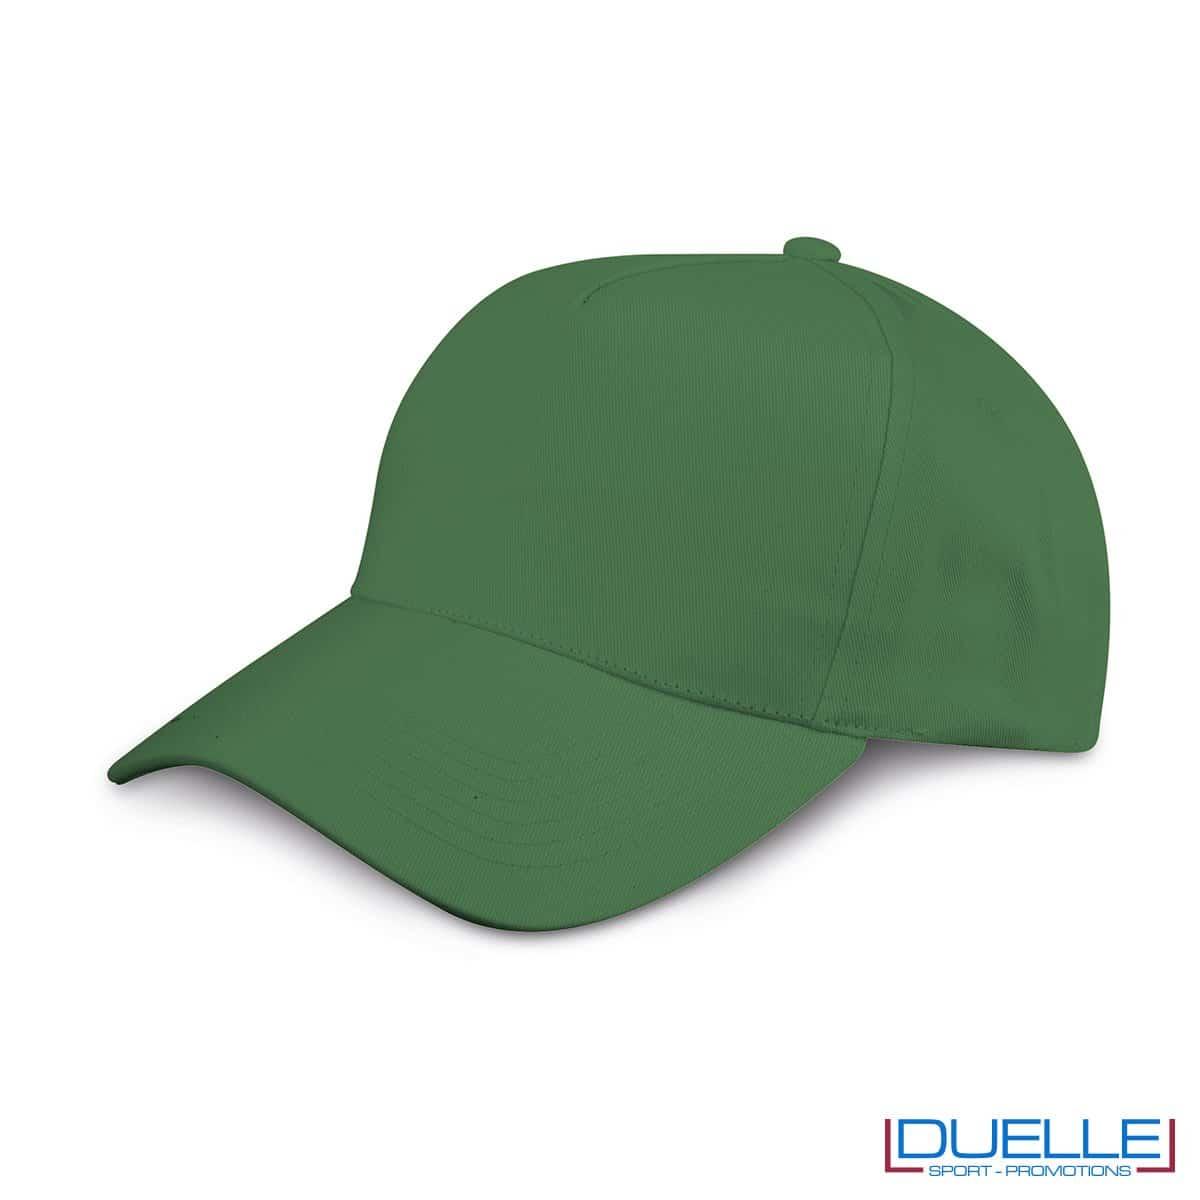 cappellino personalizzato golf a 5 pannelli colore verde